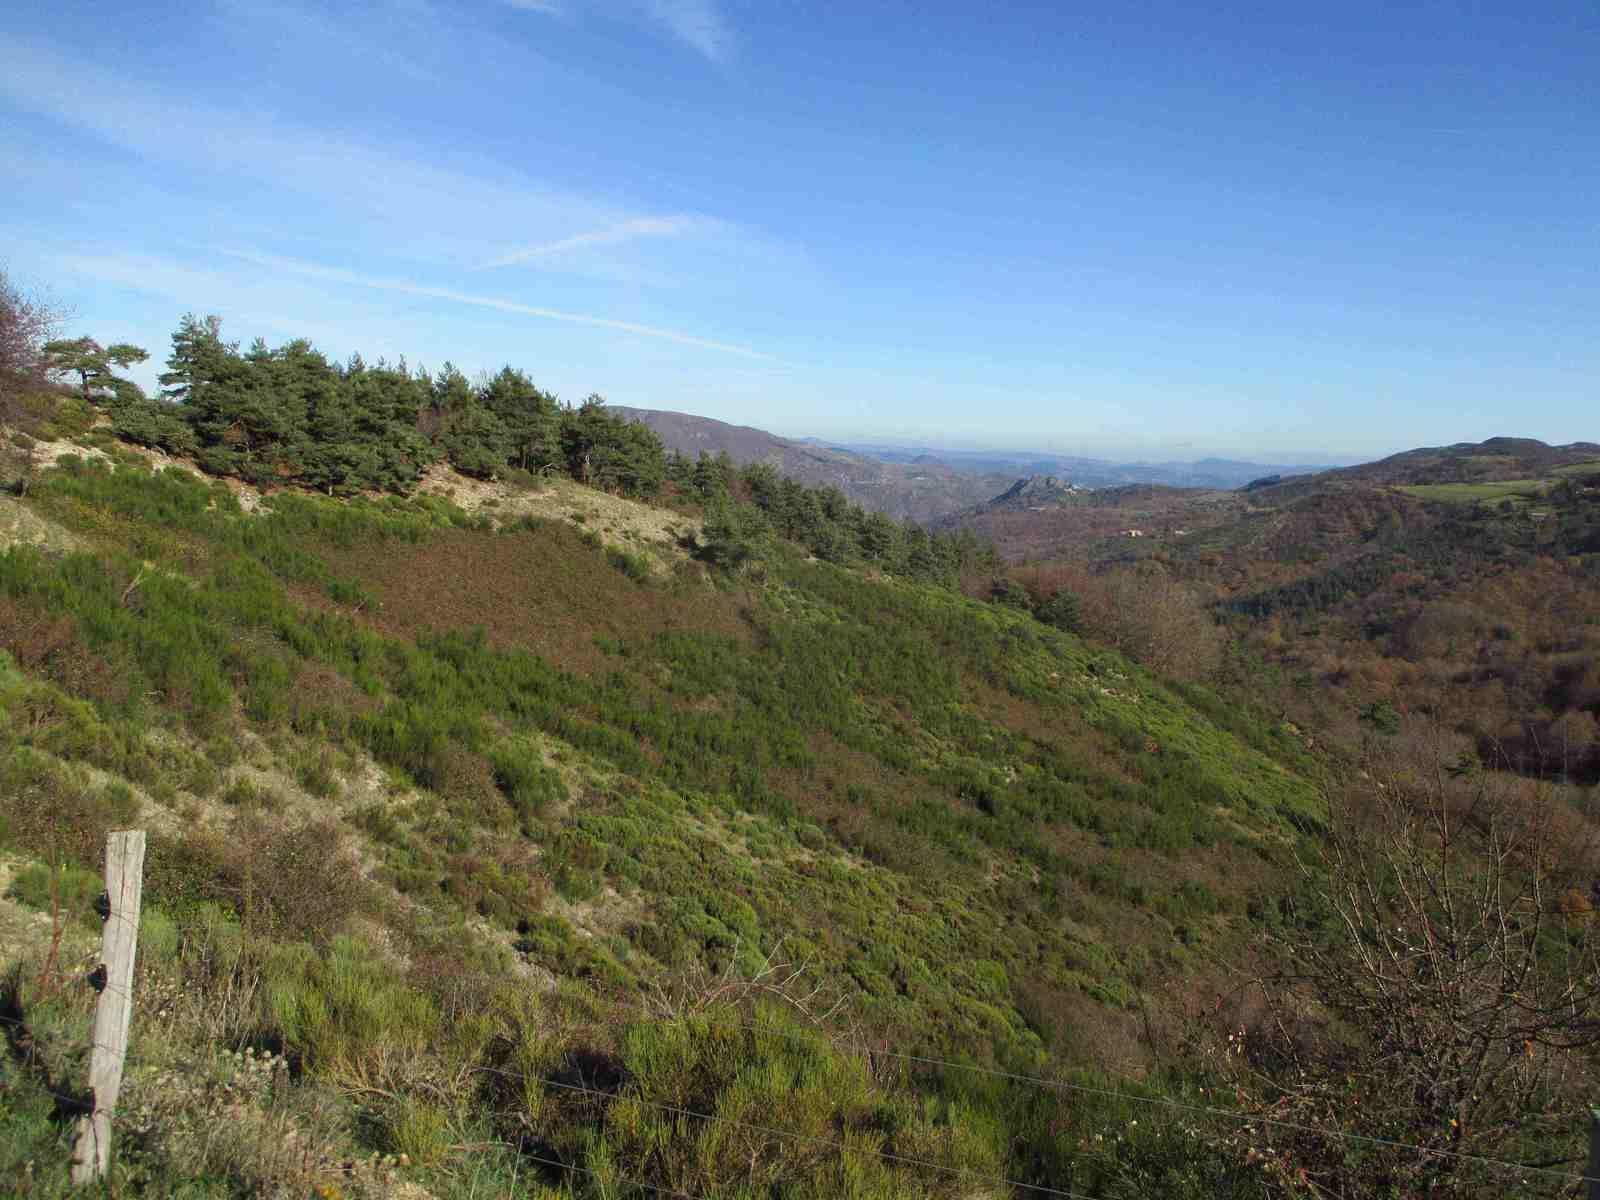 Le temps de rejoindre le Col de La Fayolle on profite des paysages somptueux